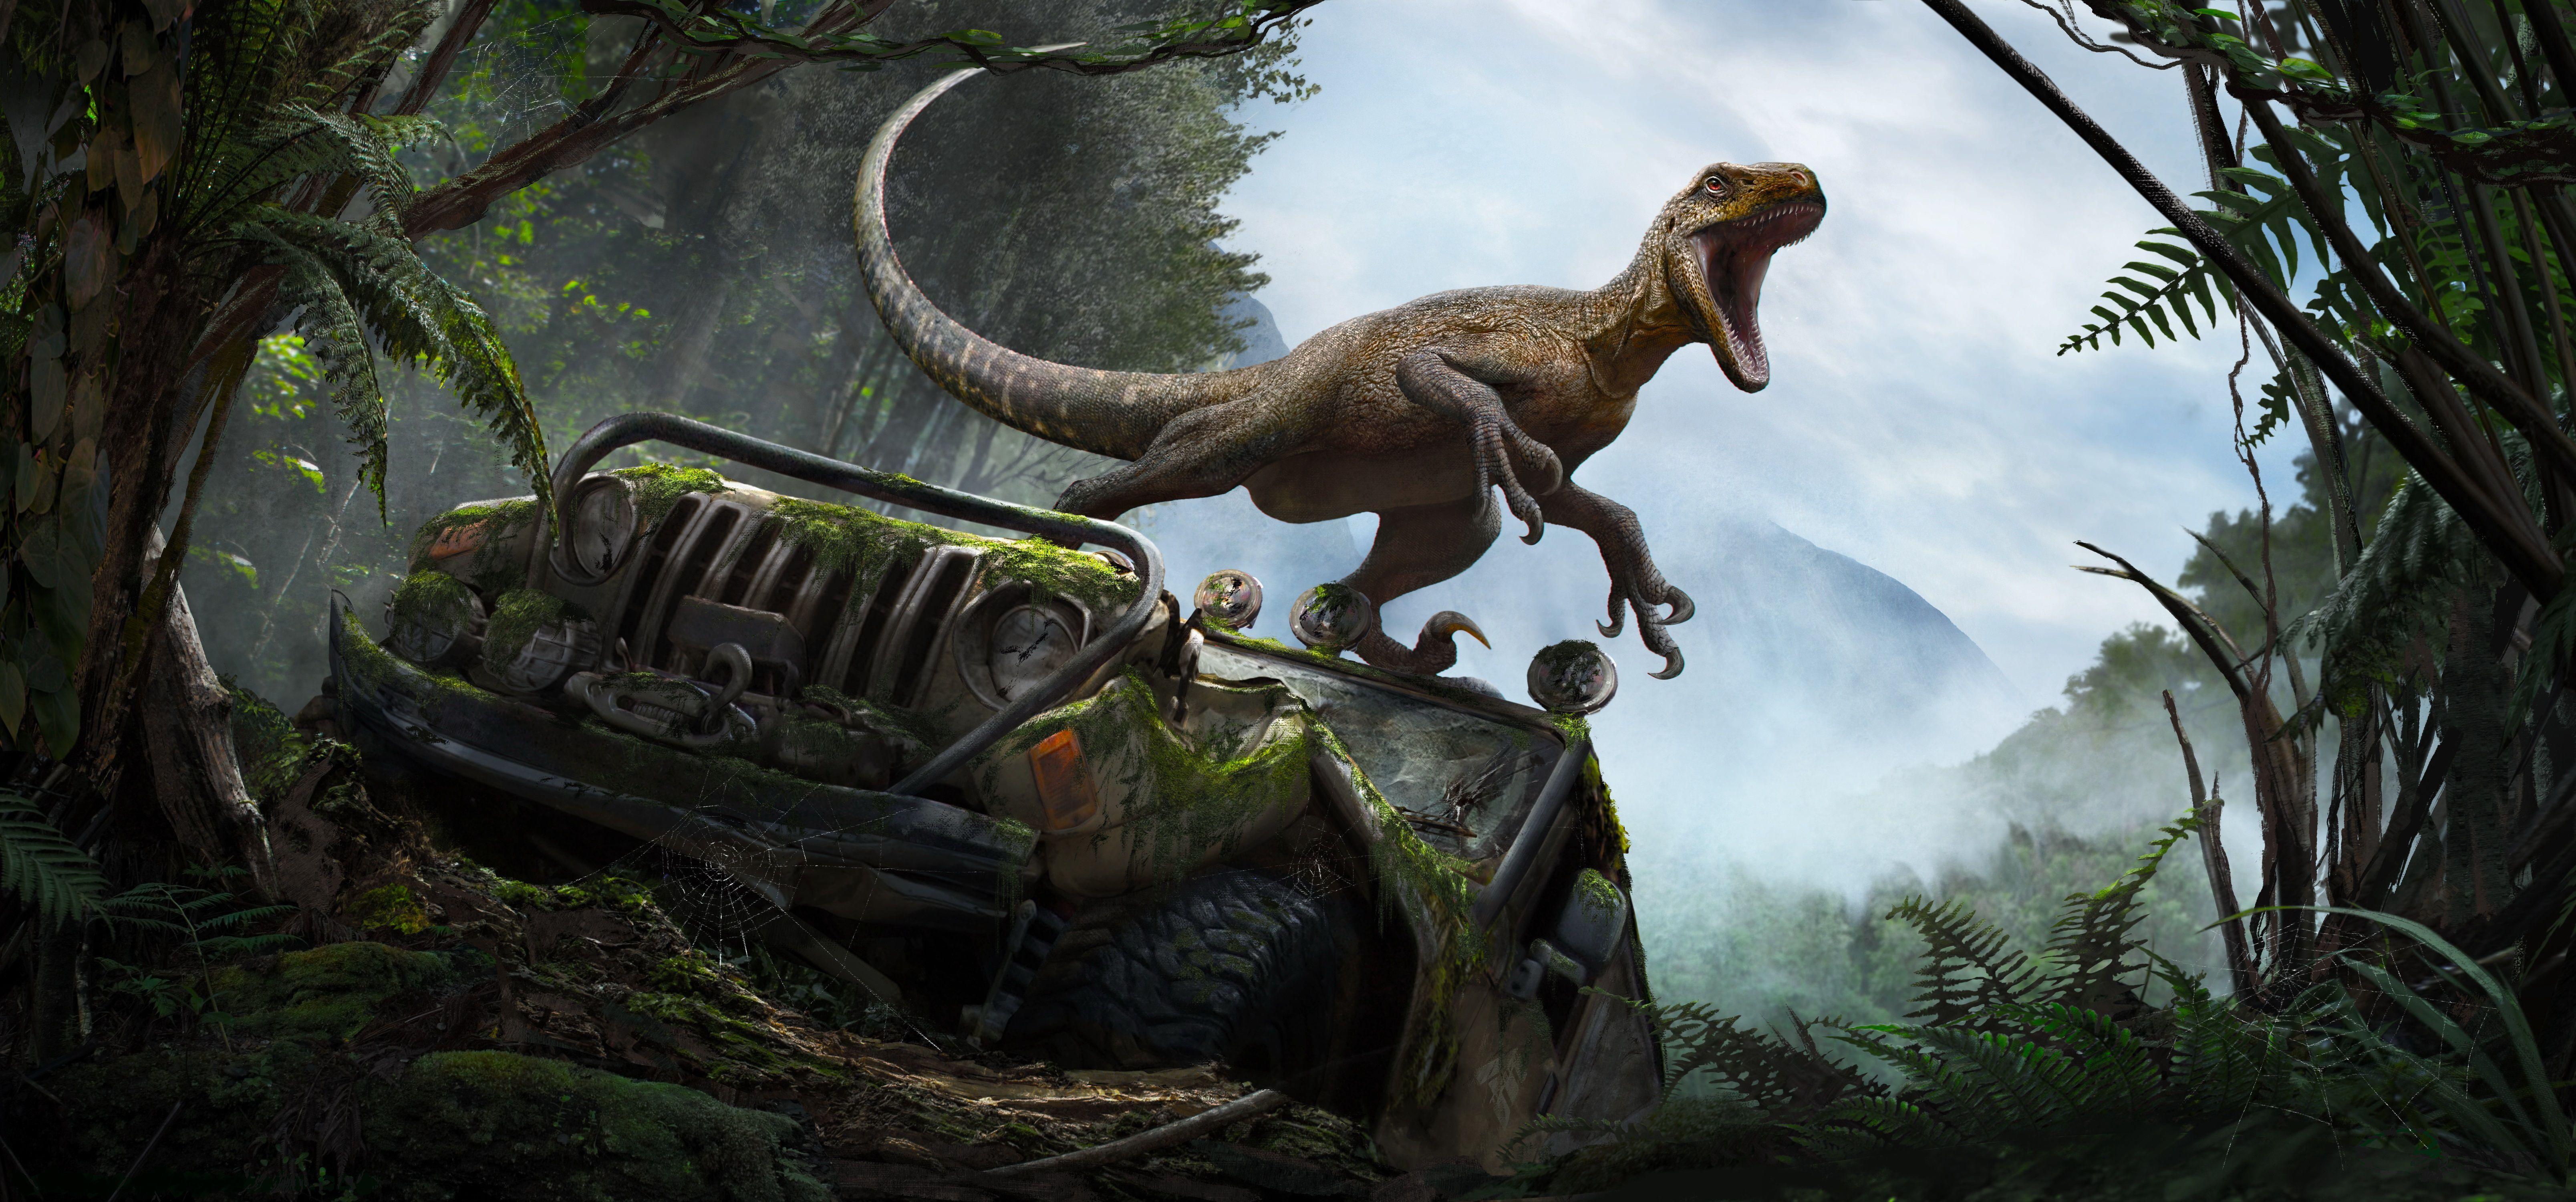 Jurassic World Desktop Wallpapers - Wallpaper Cave